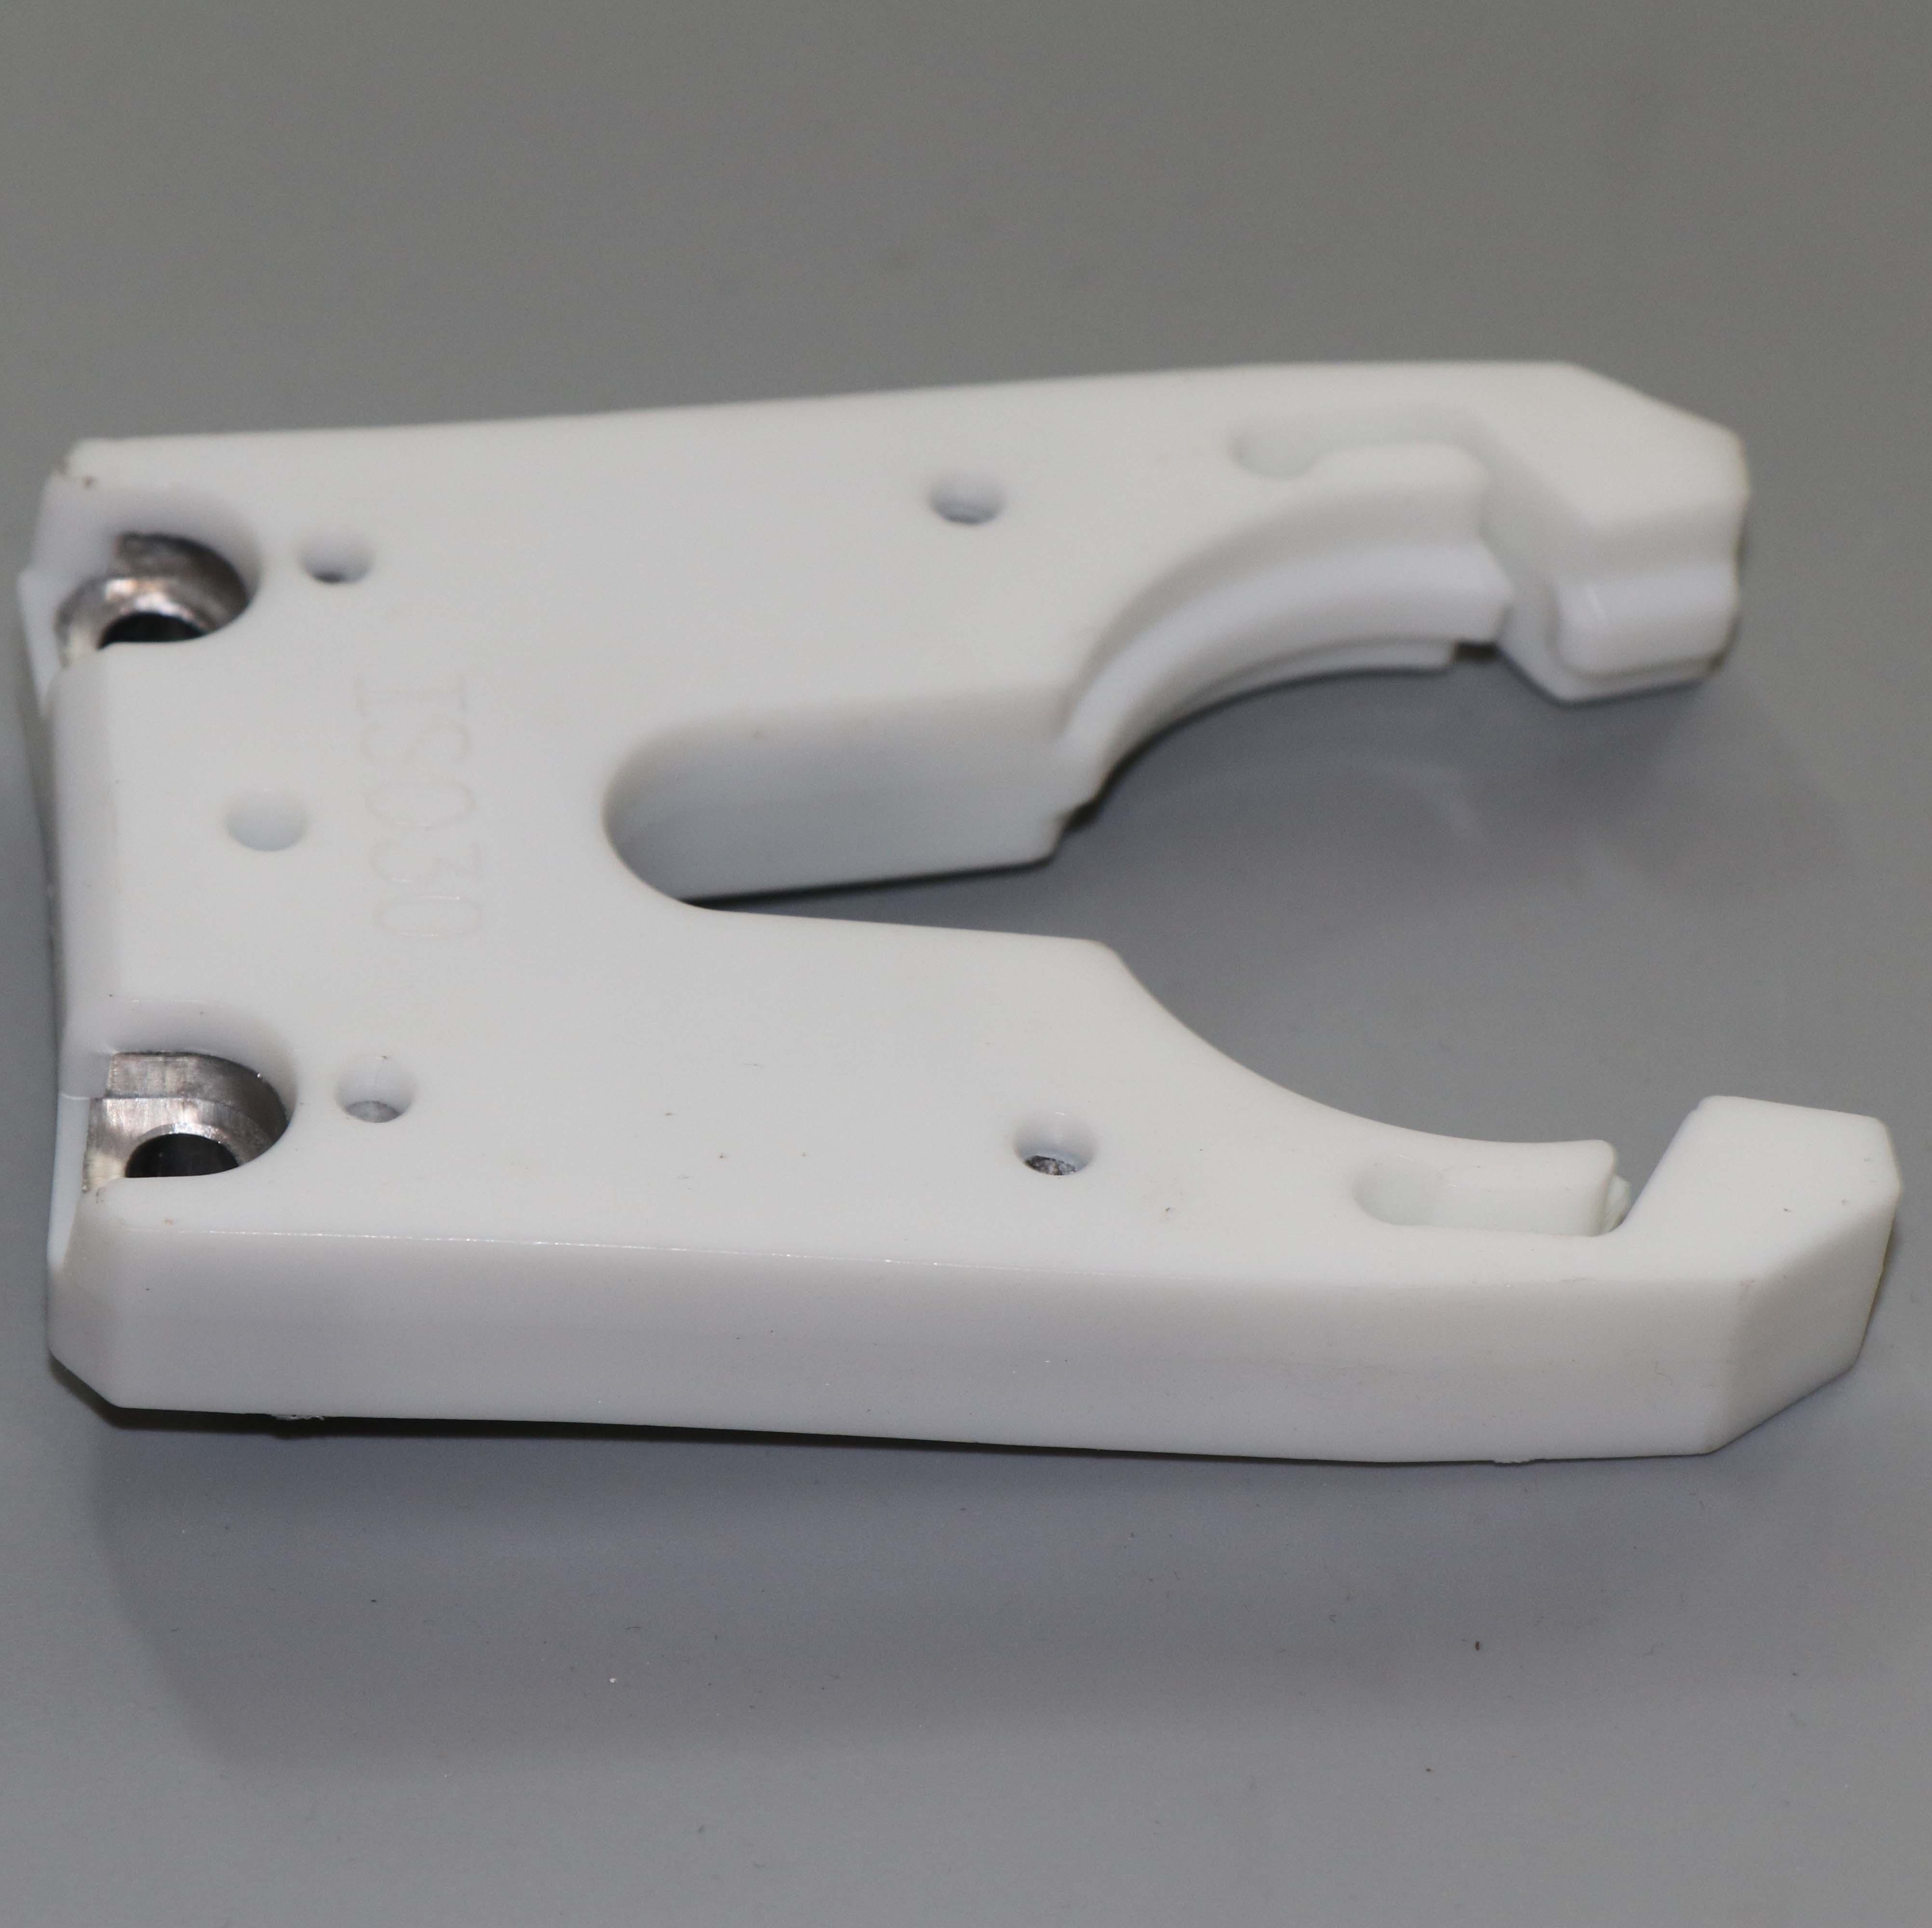 گیره دارنده ابزار ISO30 + لاستیک ضد شعله ABS ، پنجه دارنده ابزار ISO30